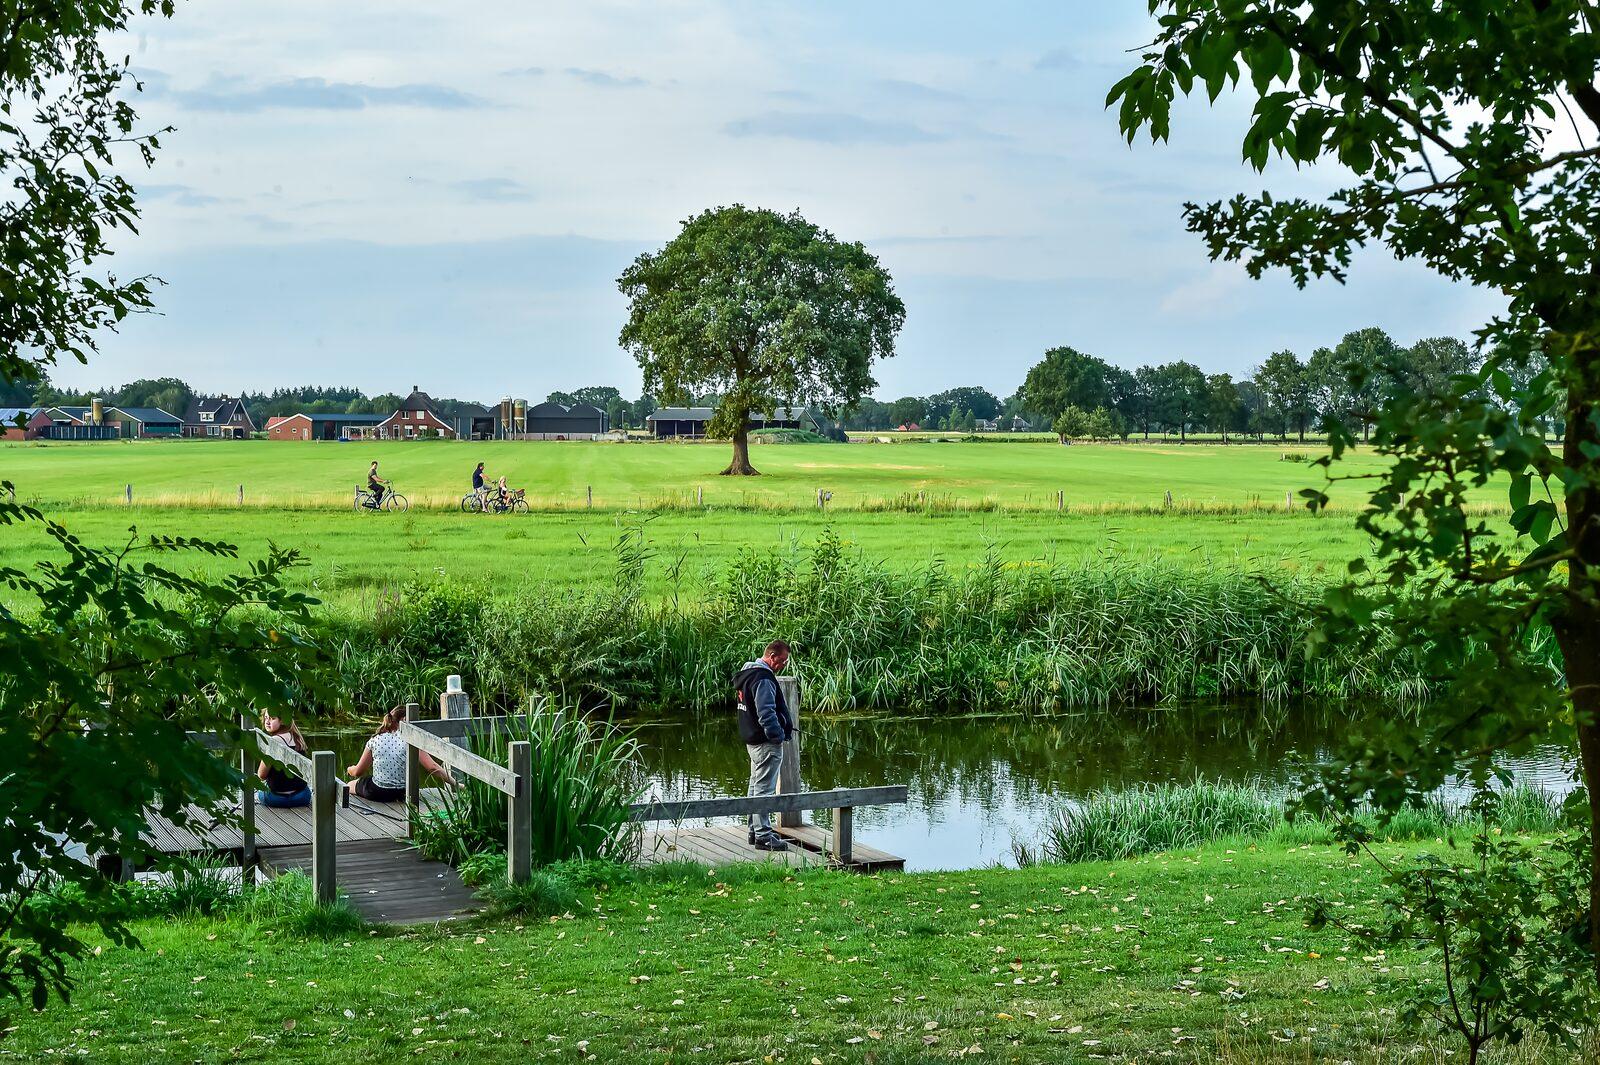 camping nederland aan het water